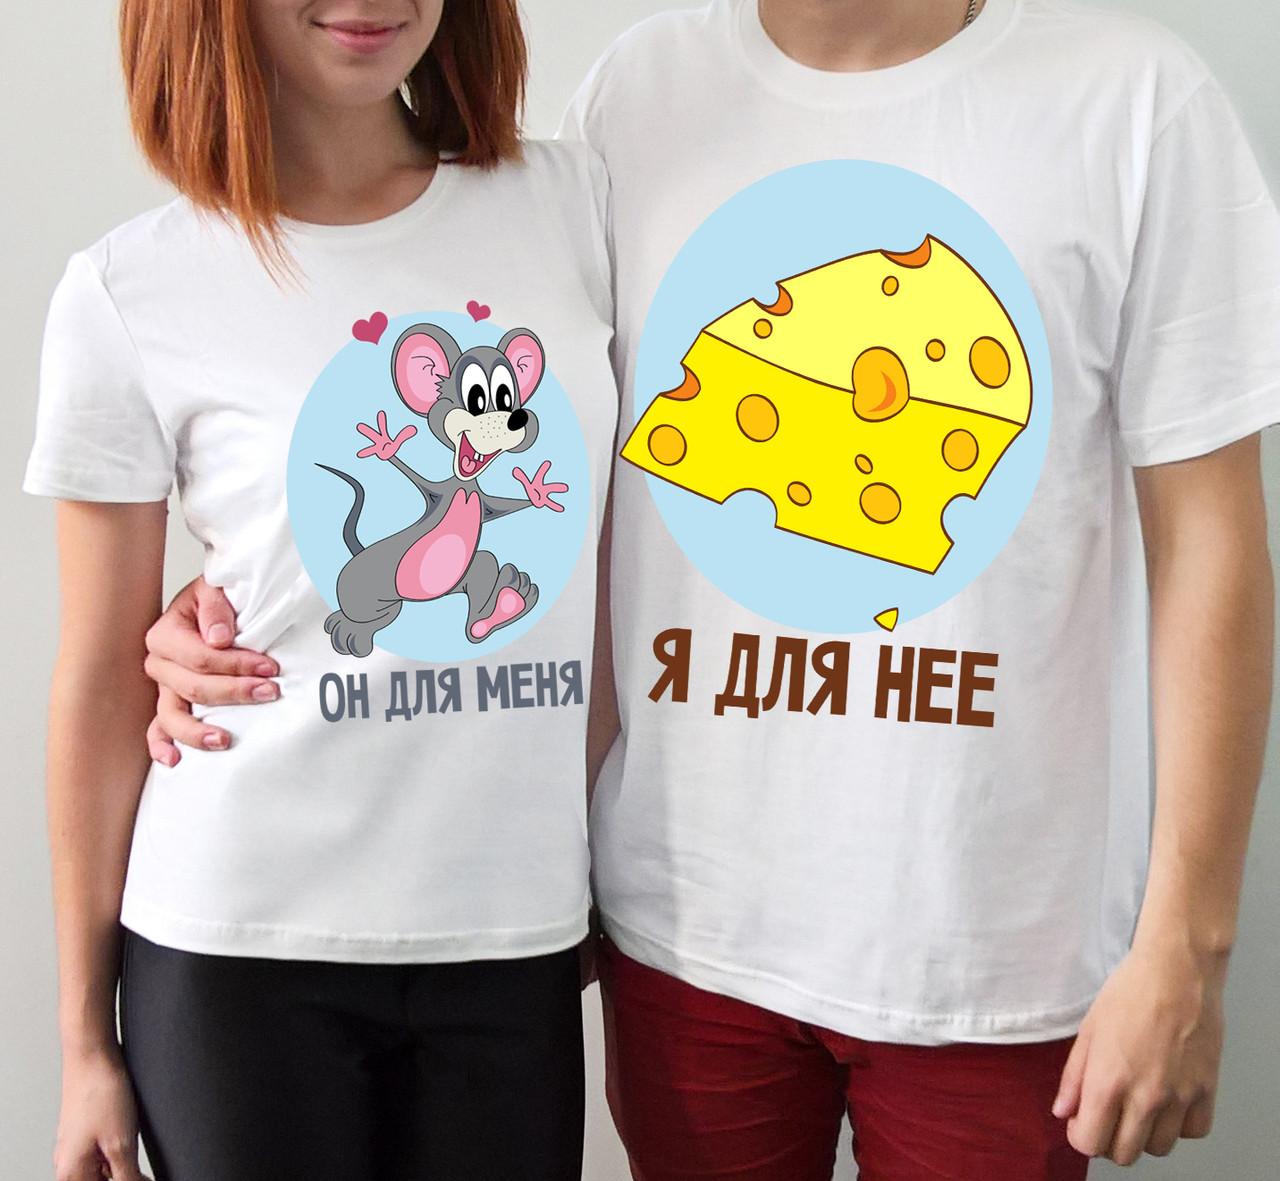 """Парные футболки """"Он для меня\её"""""""